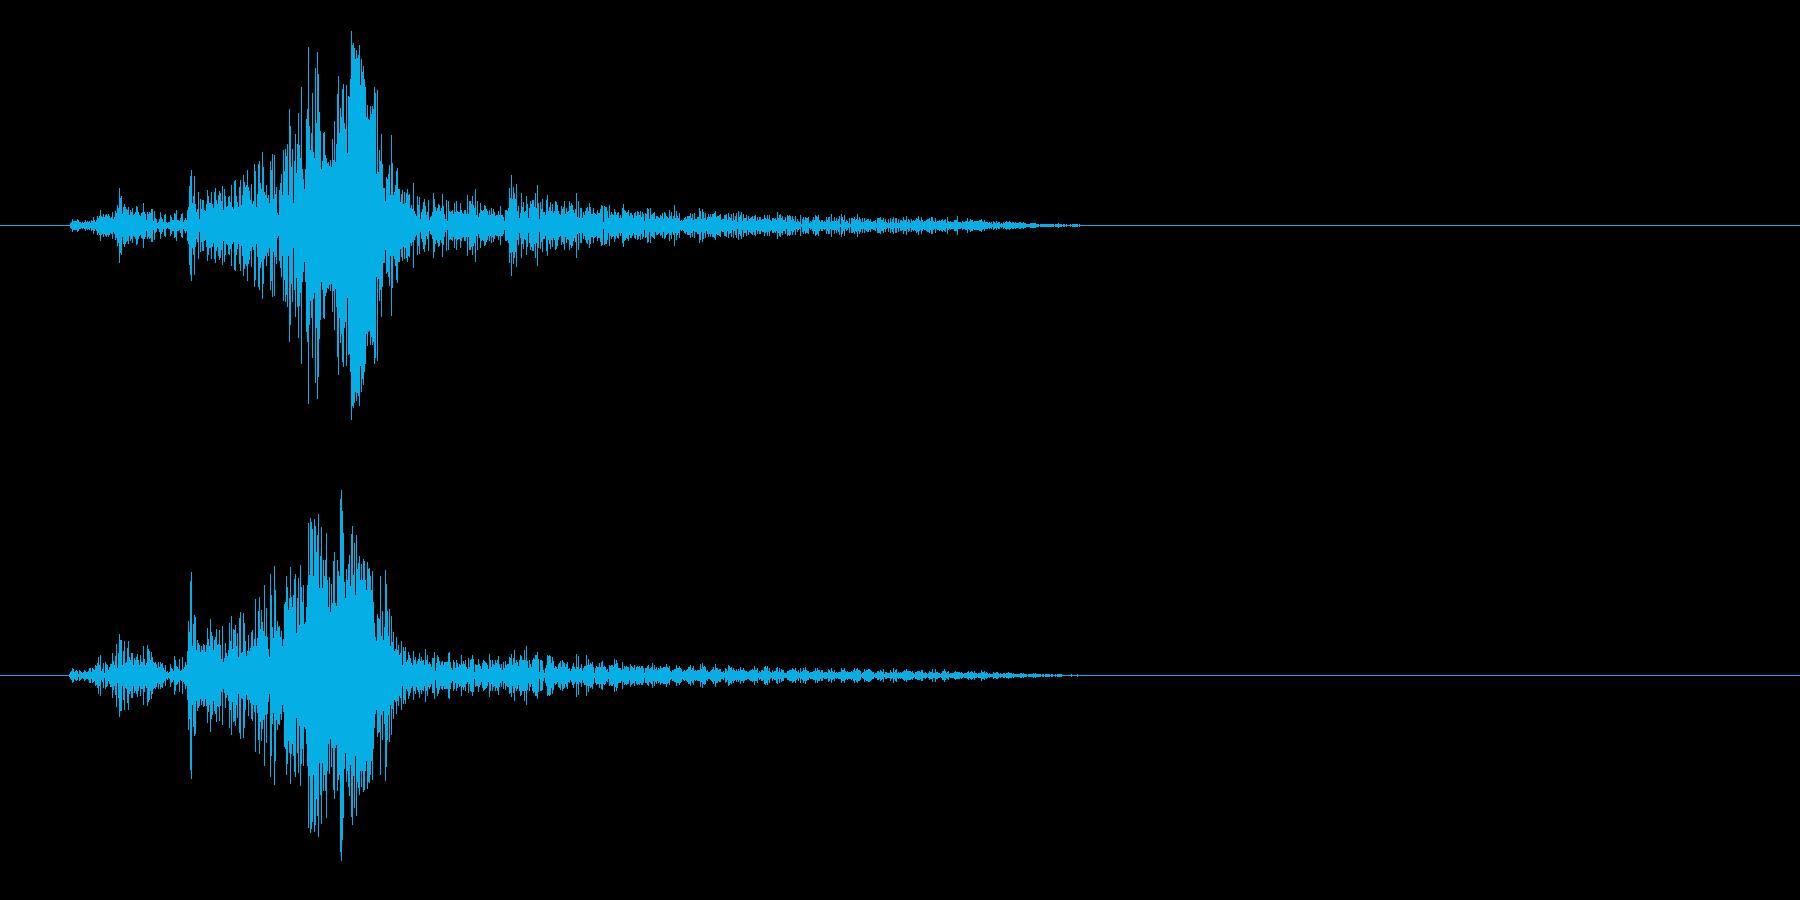 ライターこする音(金属)の再生済みの波形